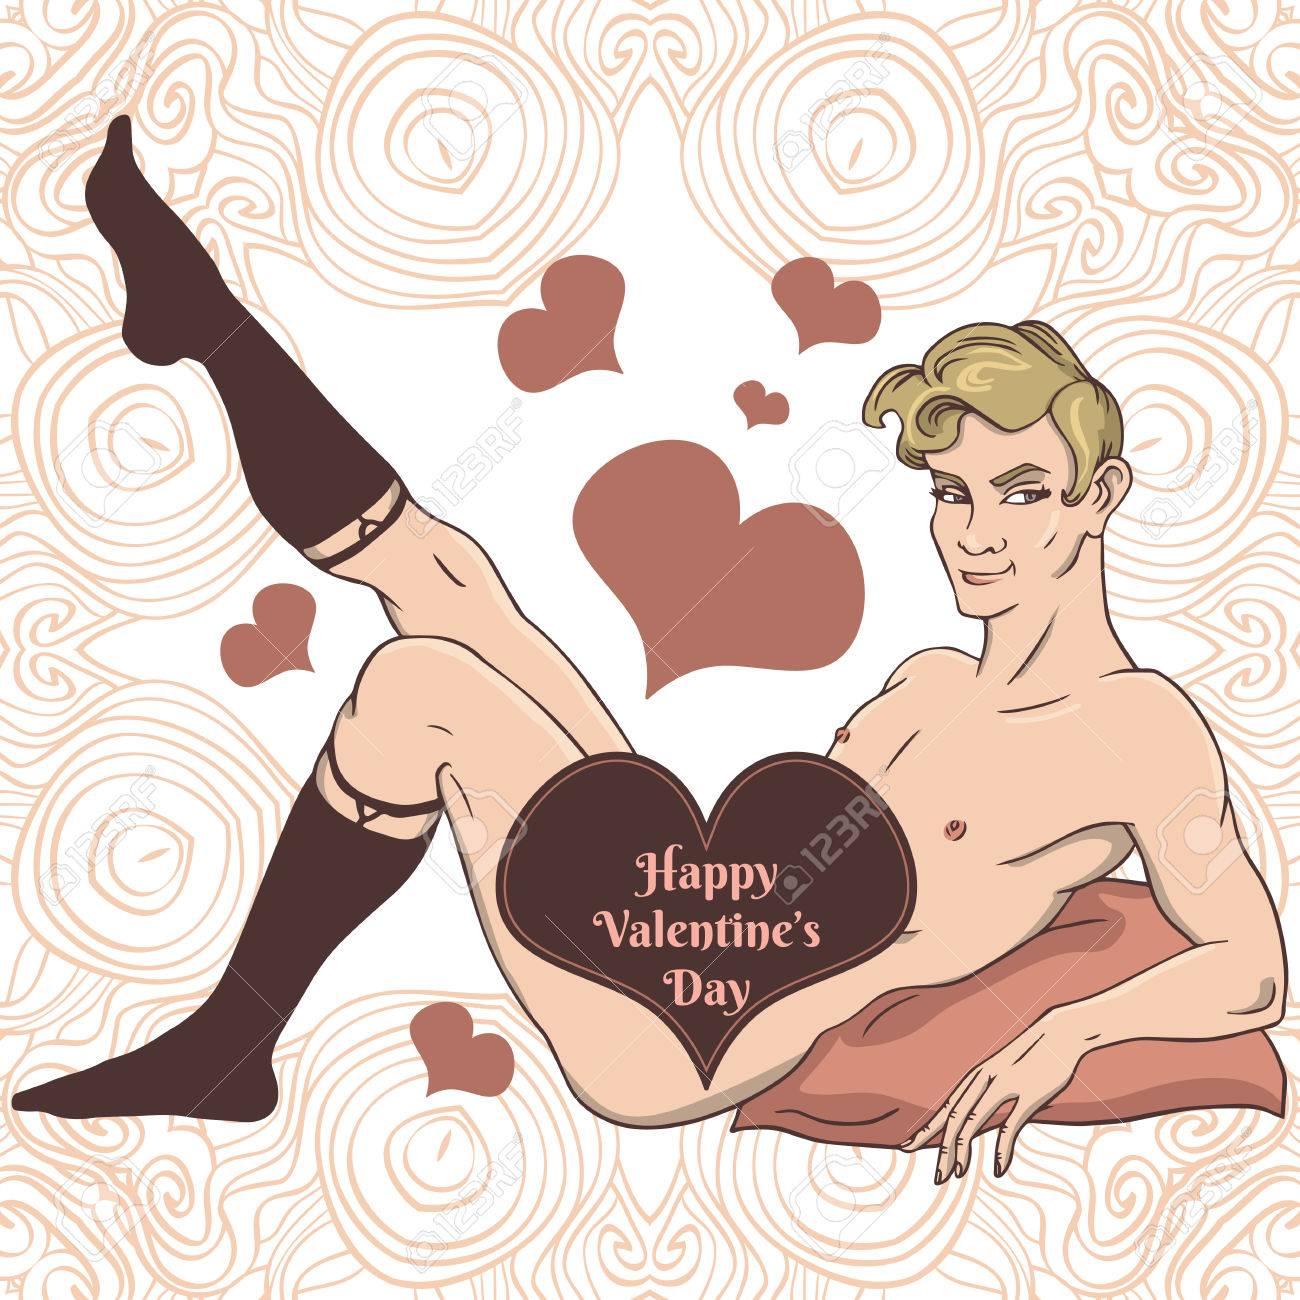 Сексуальная открытка